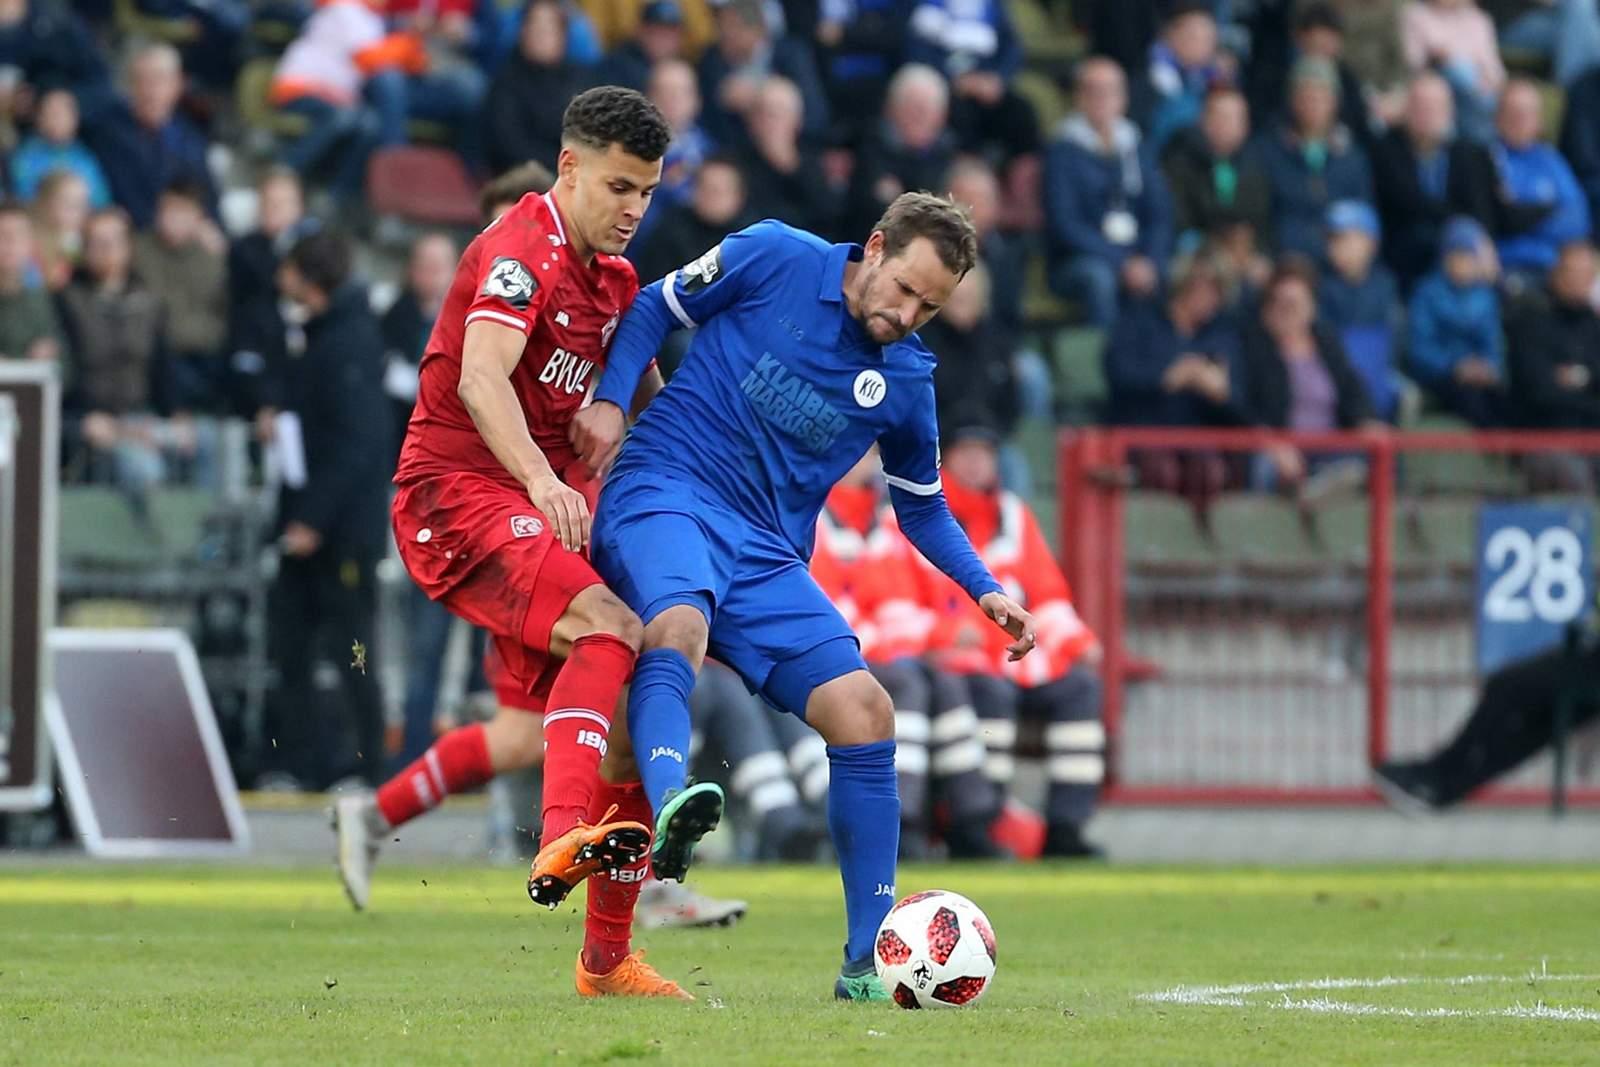 Dave Gnaase von den Würzburger Kickers gegen Anton Fink vom KSC.